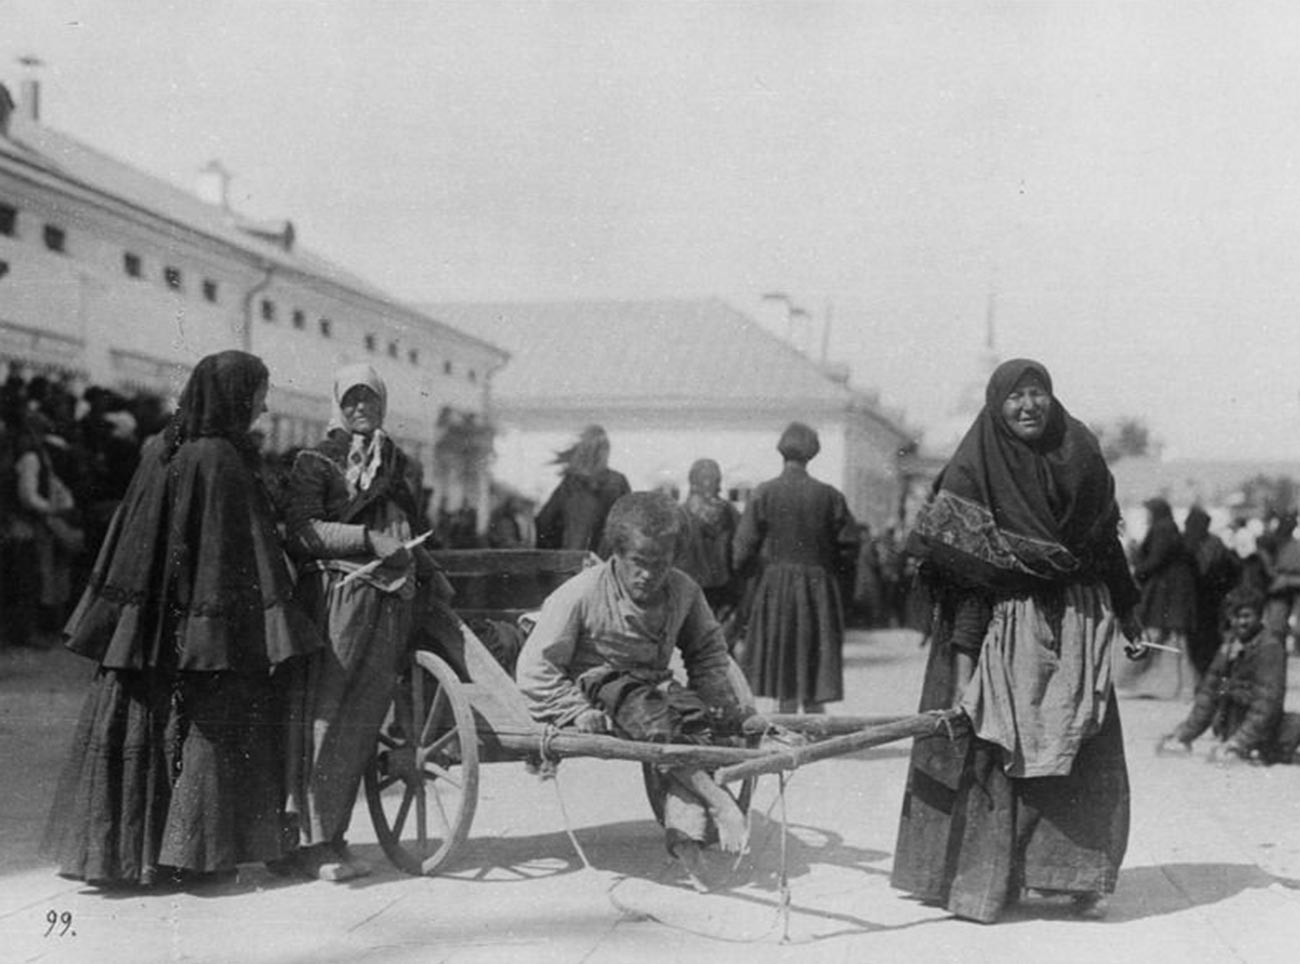 Campesina transportando a su hijo discapacitado cerca del Monasterio de Sárov, 1903